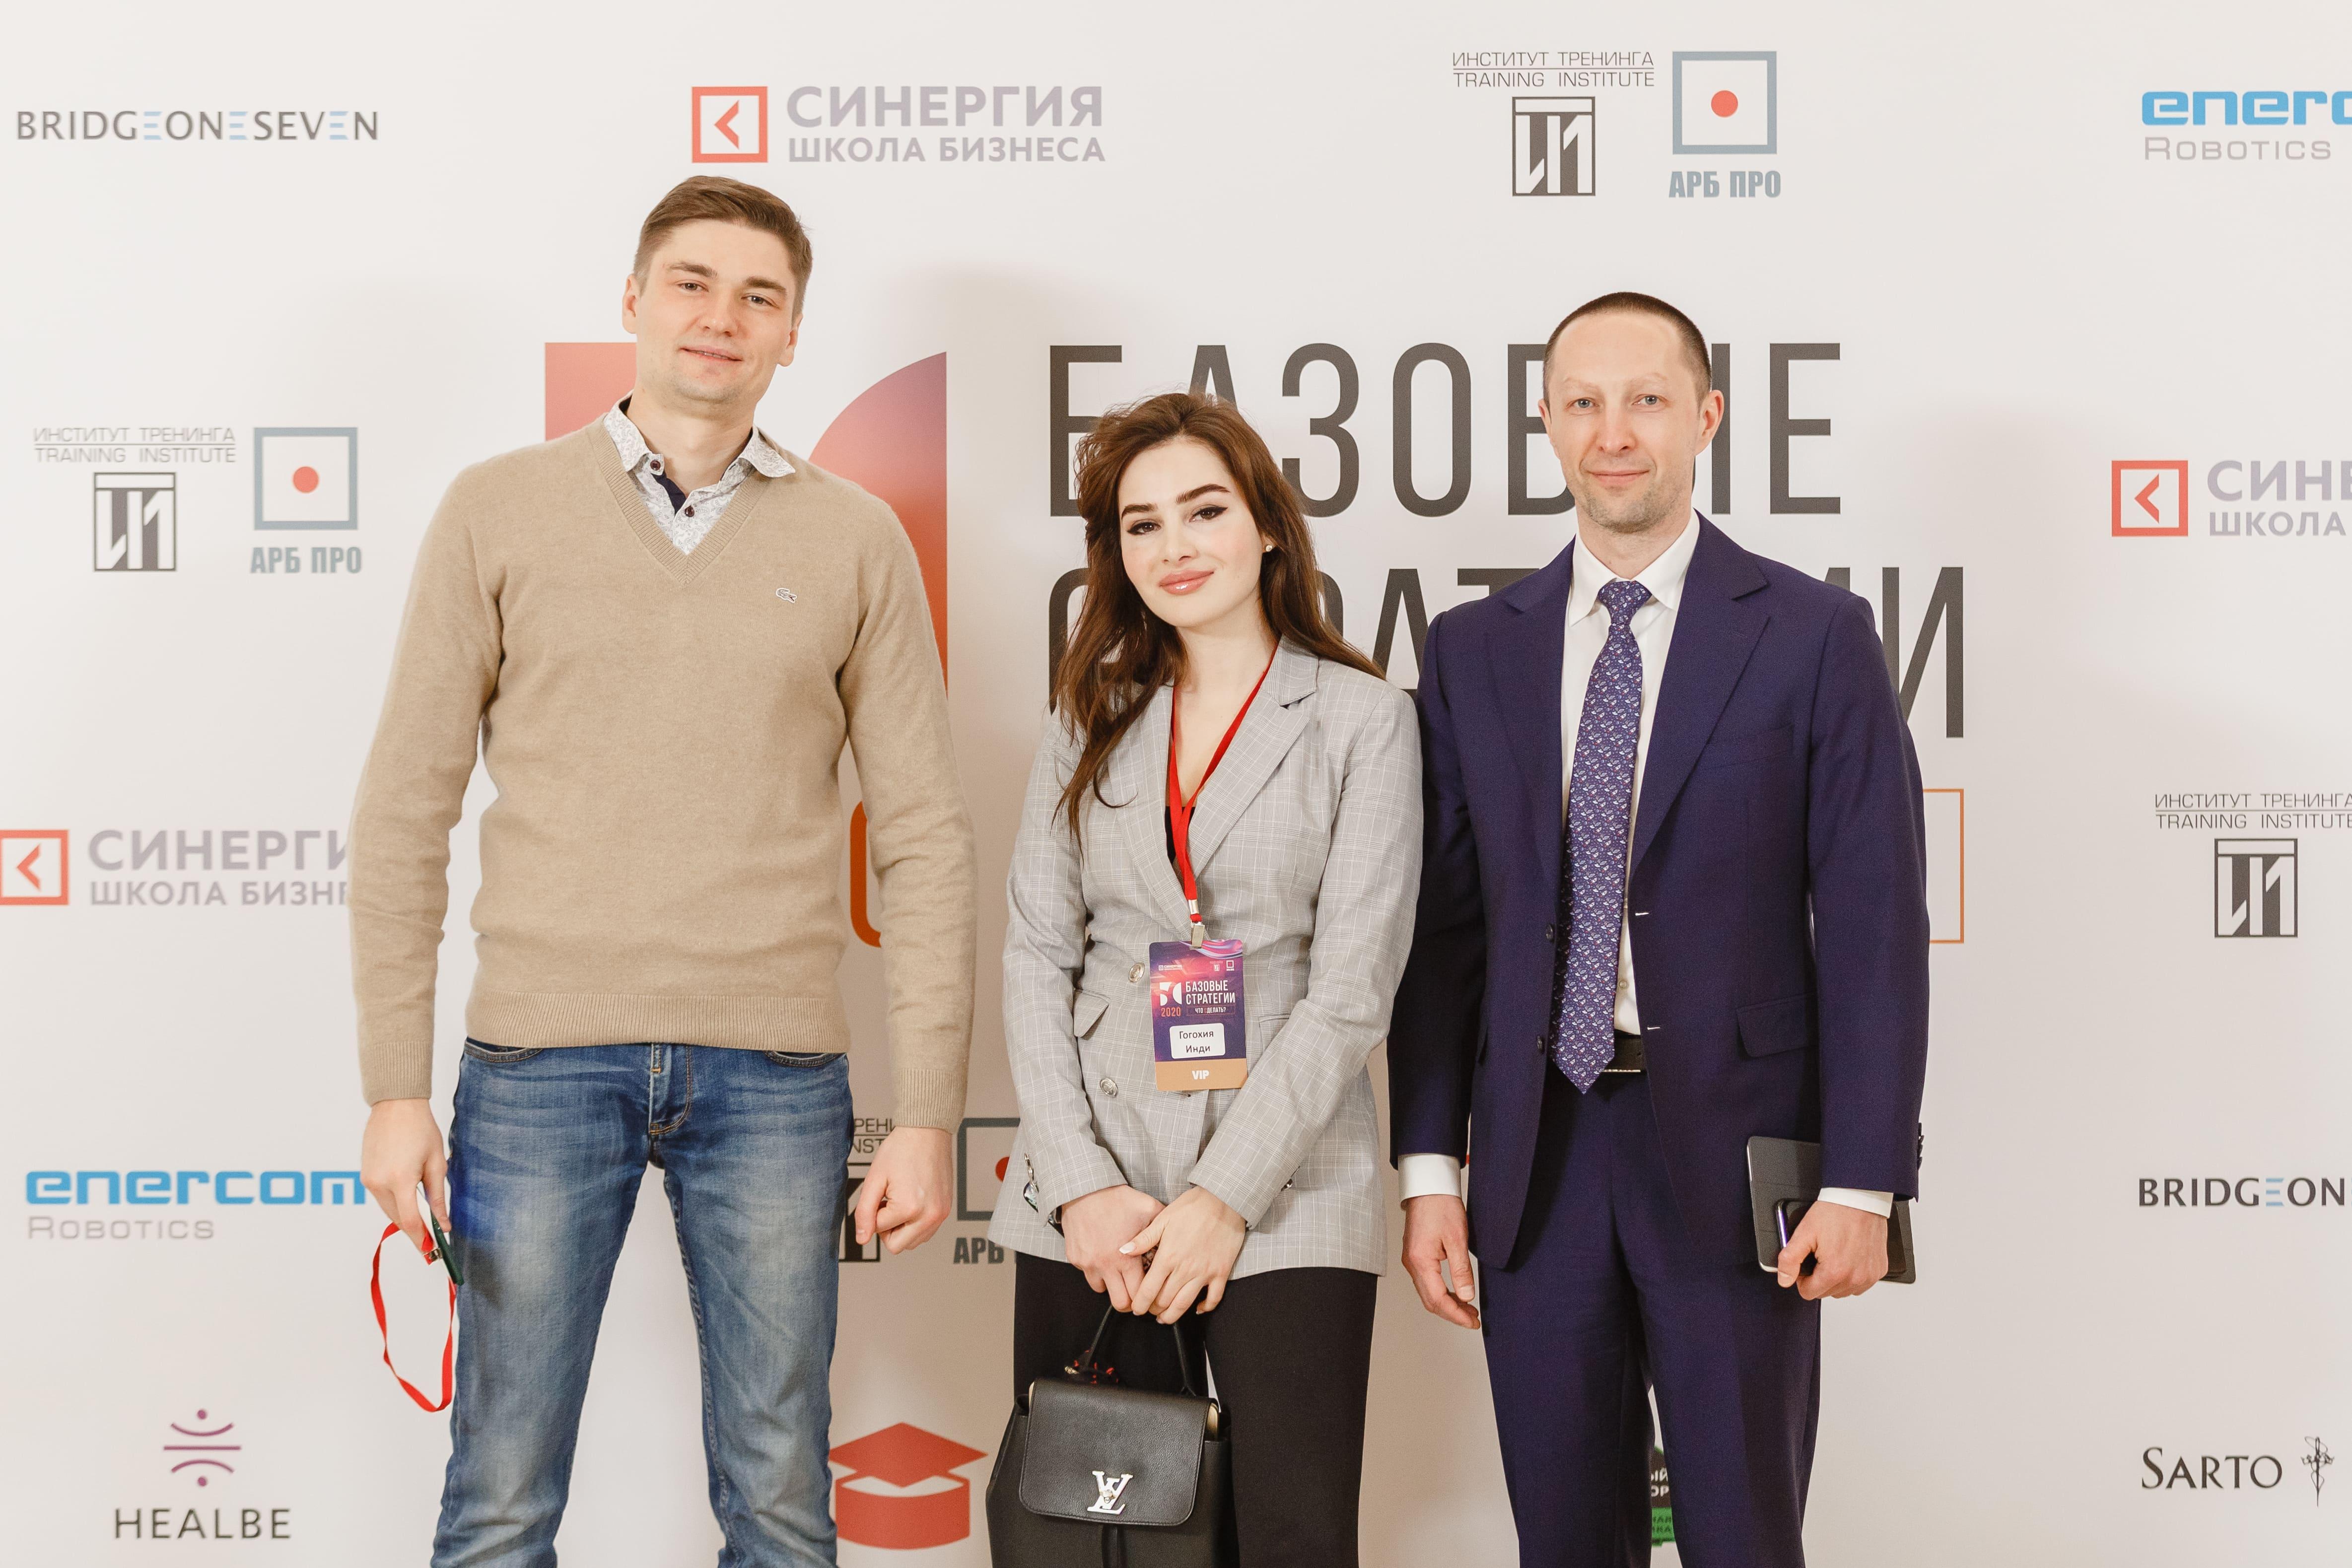 Вадим Лобов посетил бизнес-конференцию «Базовые стратегии»